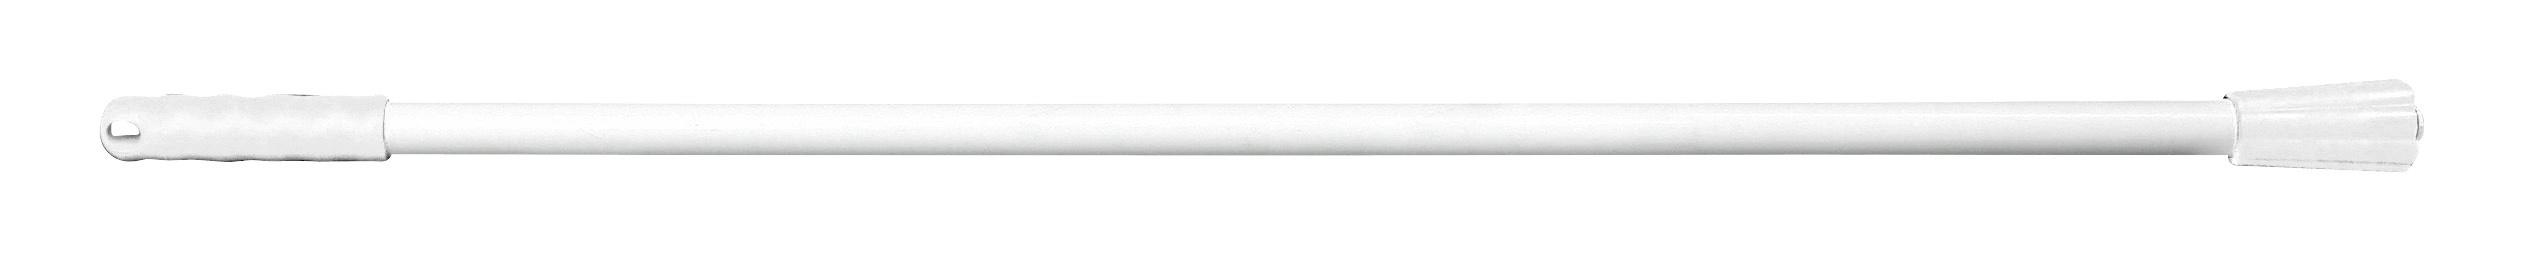 Stiel Universal- Kesselbürste 100cm, Fiberglass weiß